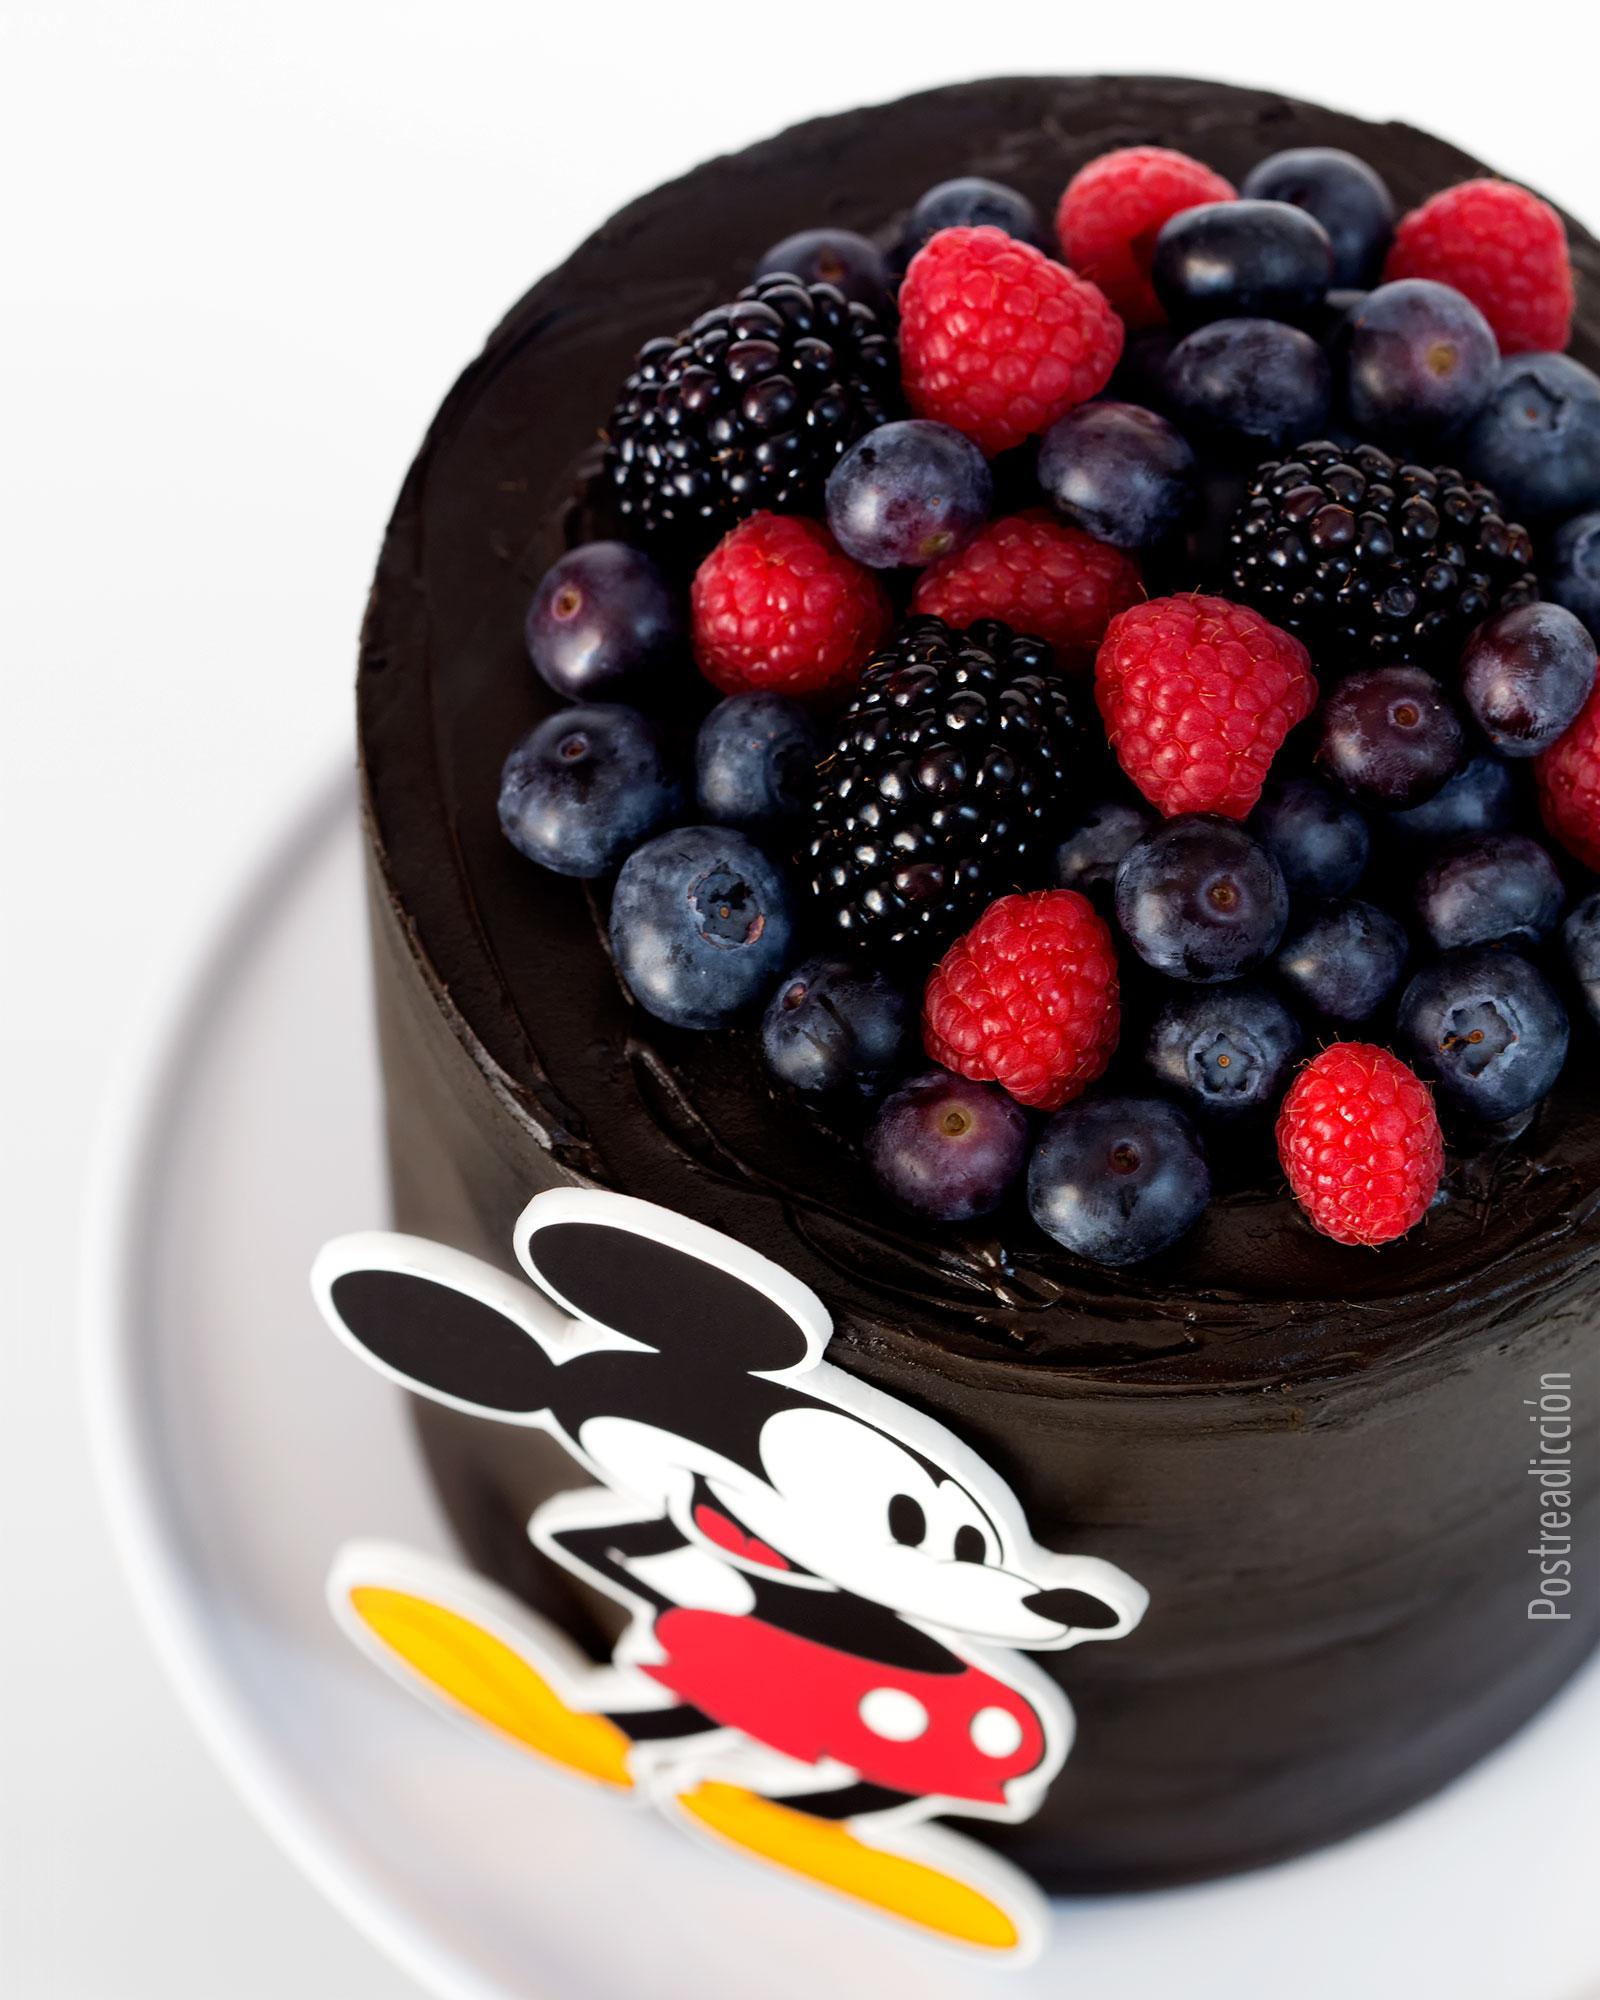 Imagen de producto: https://tienda.postreadiccion.com/img/articulos/secundarias13374-modelo-no-1725-mickey-vintage-para-tarta-2.jpg